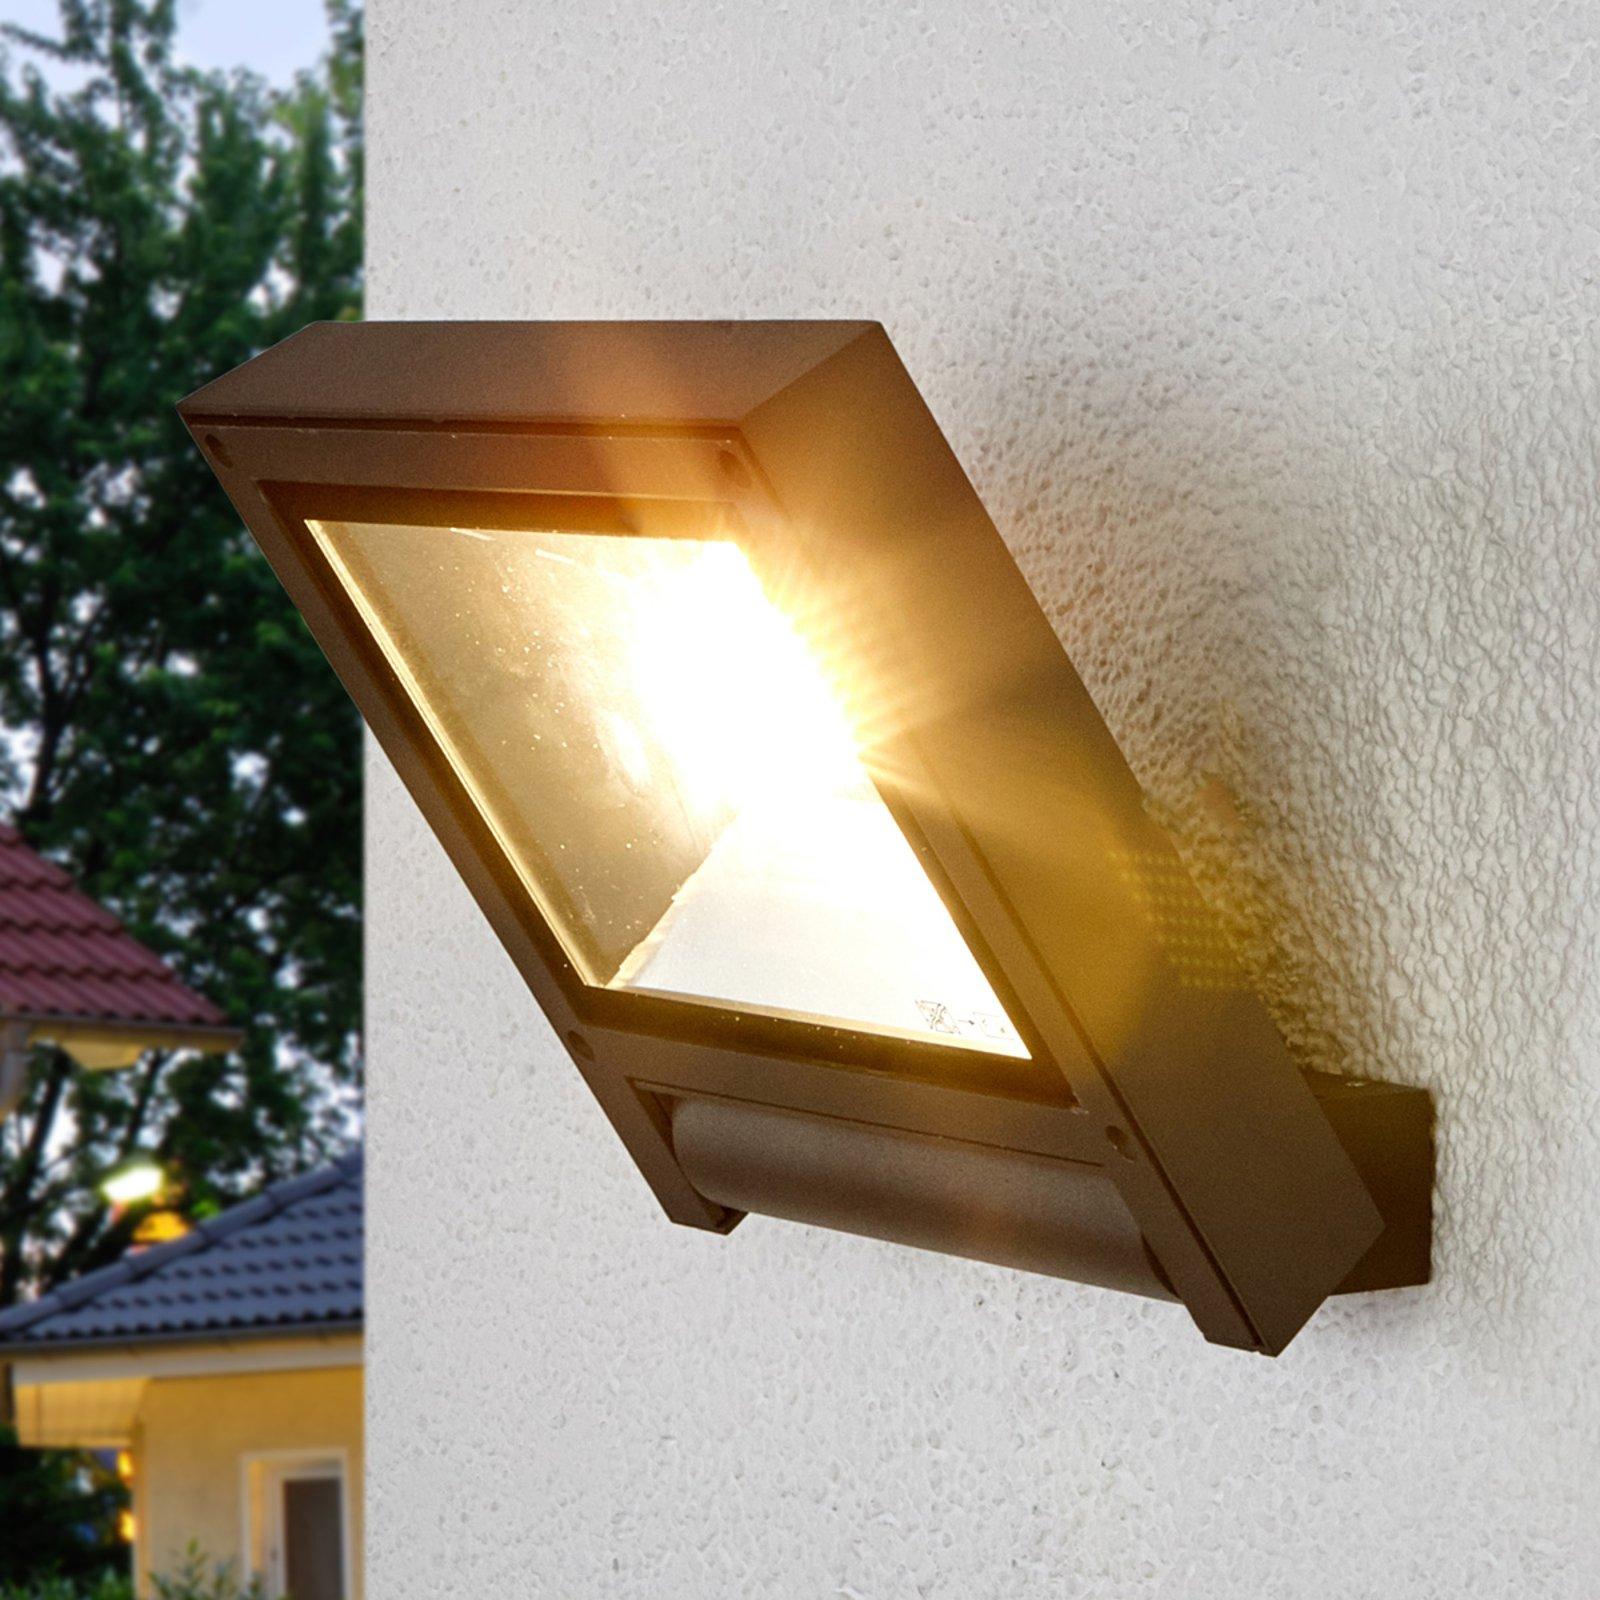 Mørkegrå LED-spotlys Maico til utendørs bruk